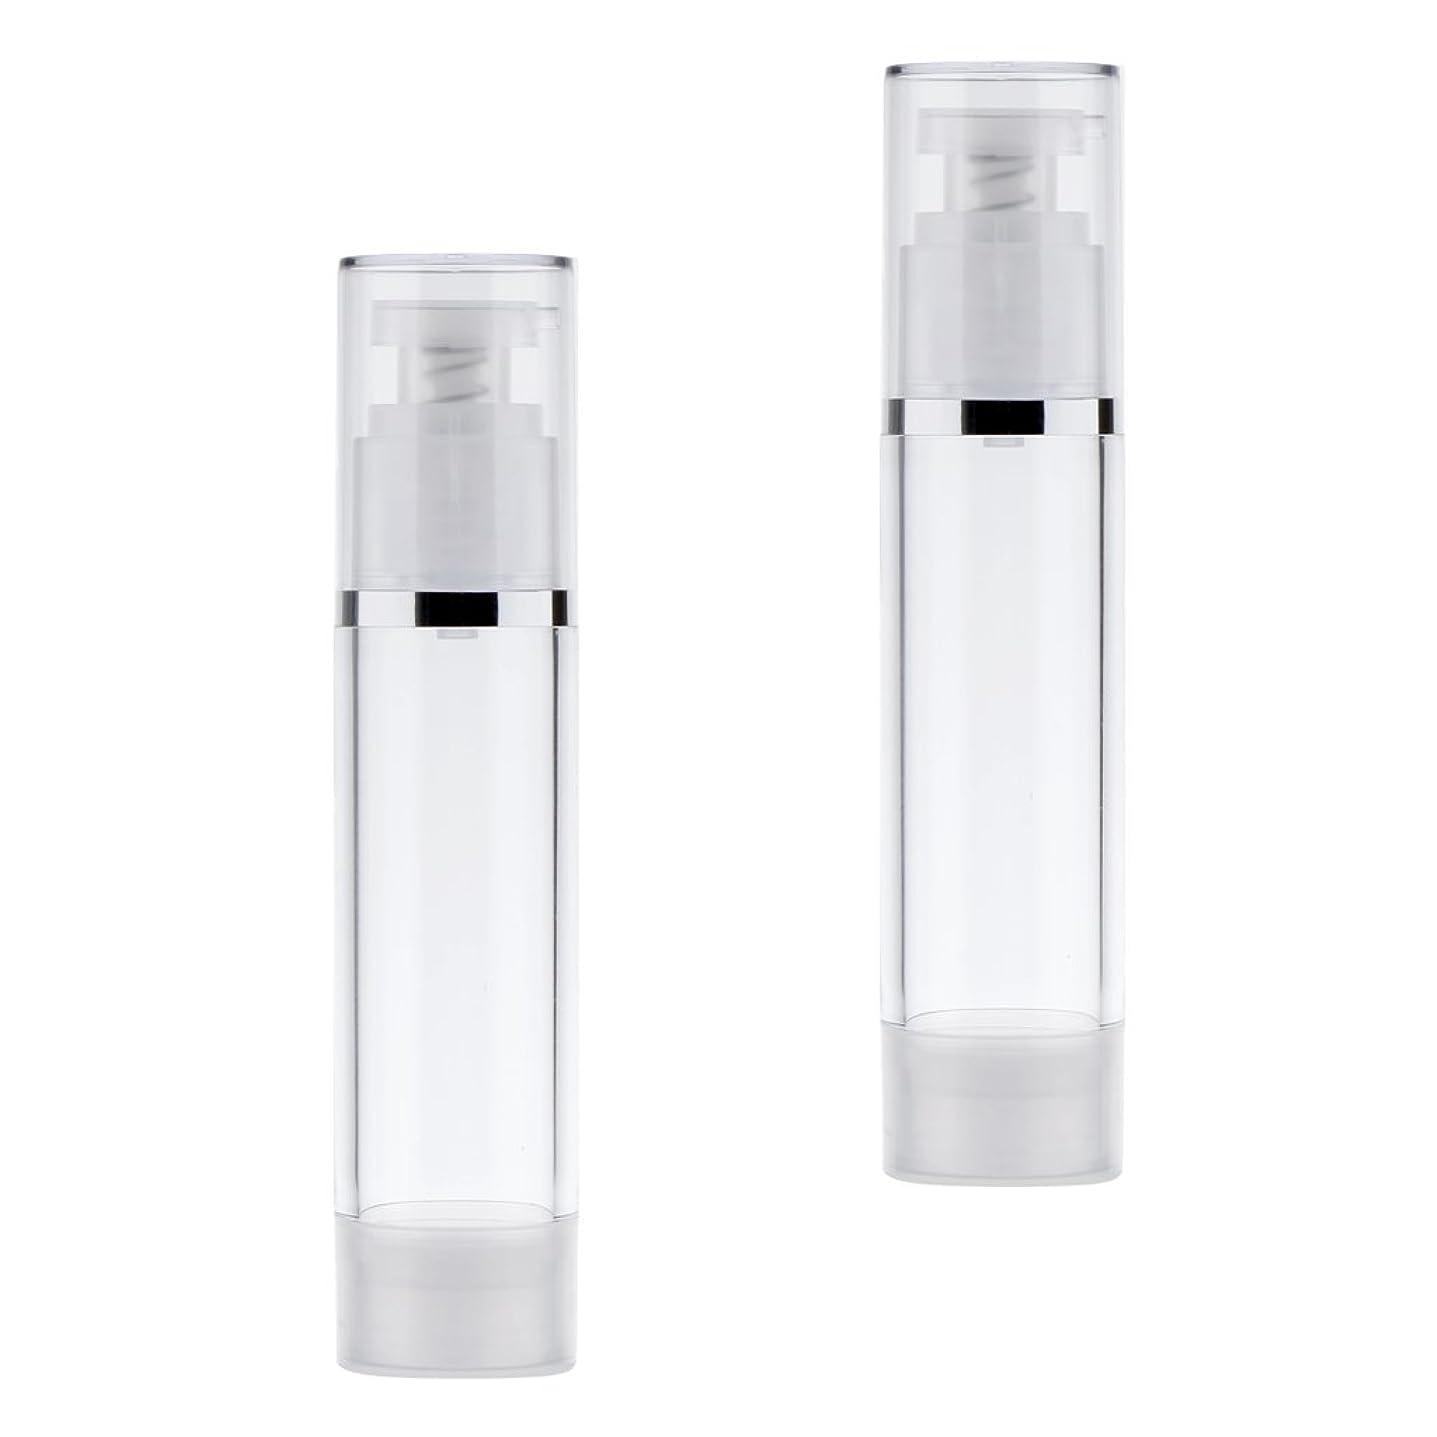 アドバイス読む排他的Fenteer 2個 空ボトル ポンプボトル ポンプチューブ エアレスボトル ディスペンサー コスメ 詰替え DIY 便利 3サイズ選べる - 50ml